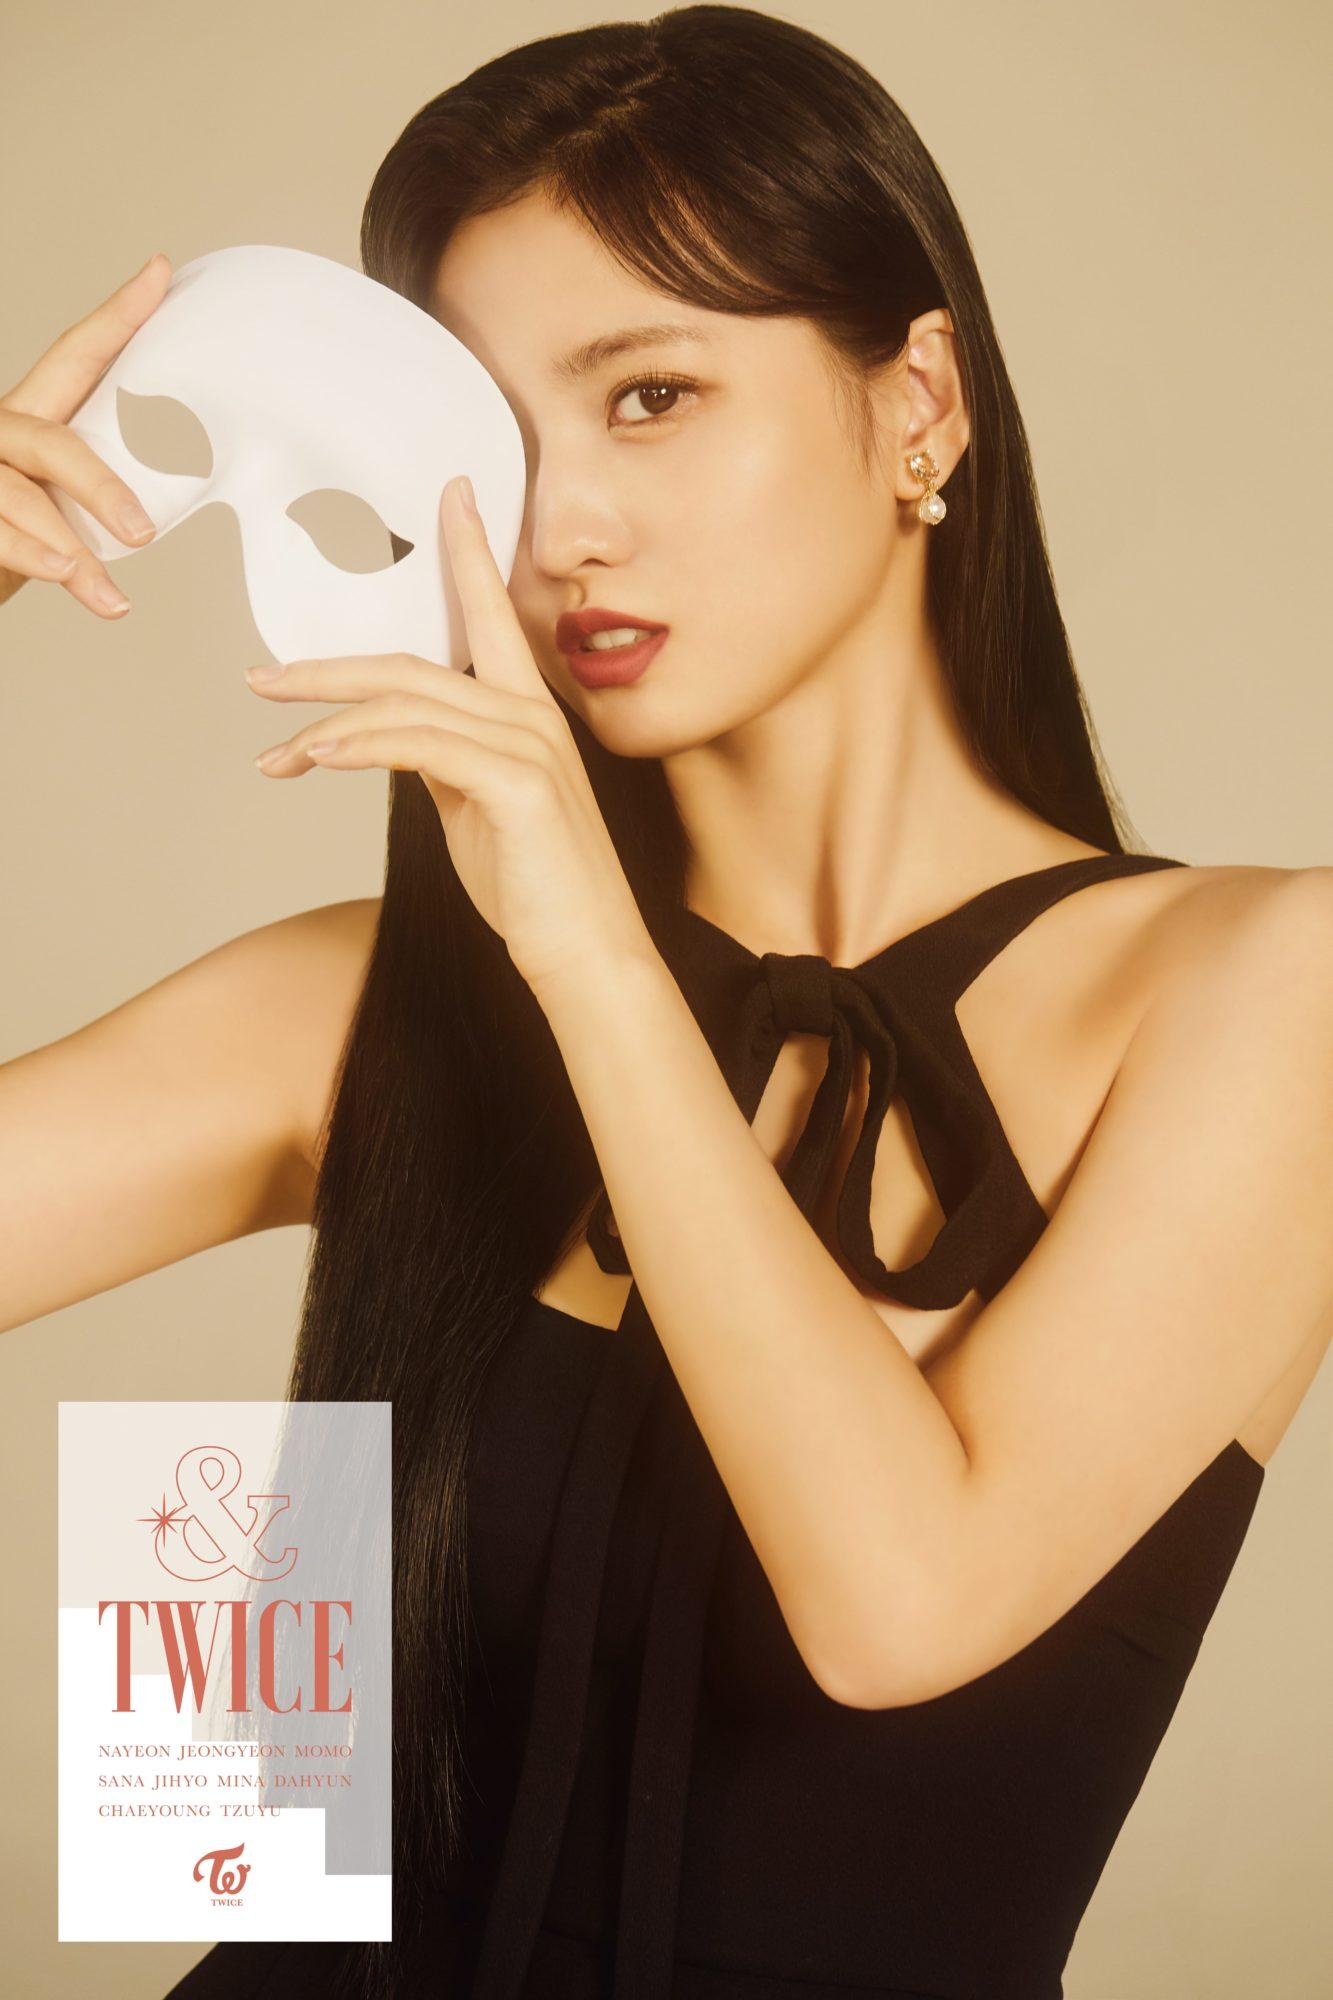 Twice &Twice Concept Momo